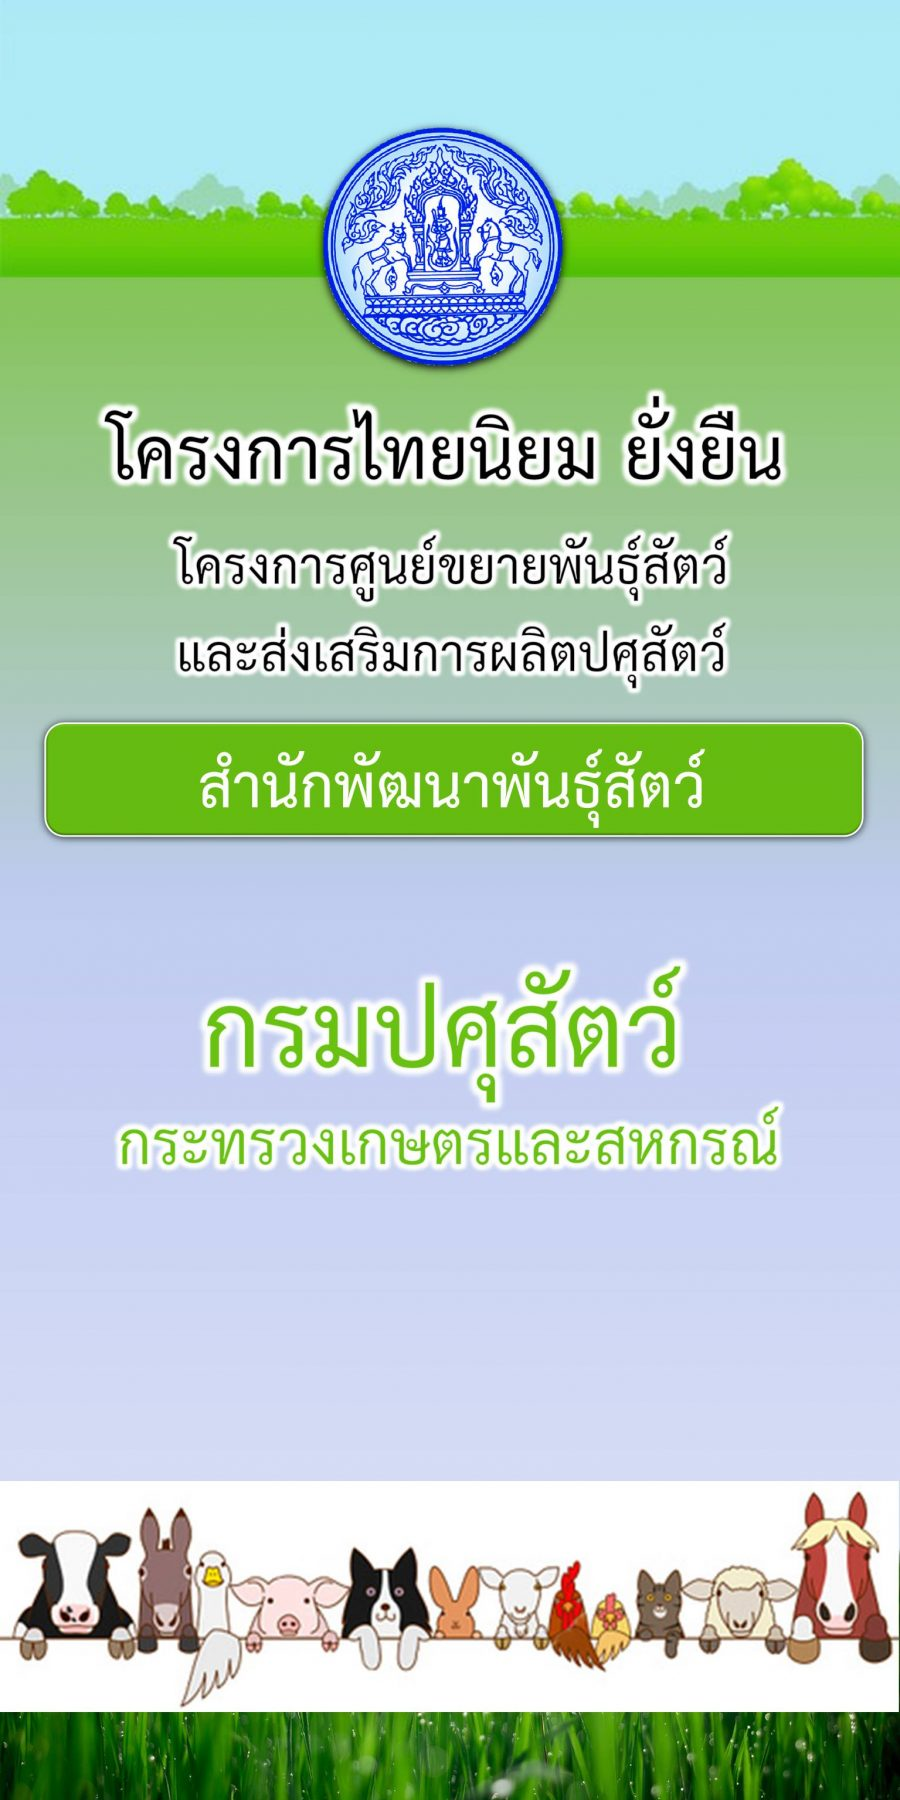 โครงการไทยนิยม ยั่งยืน